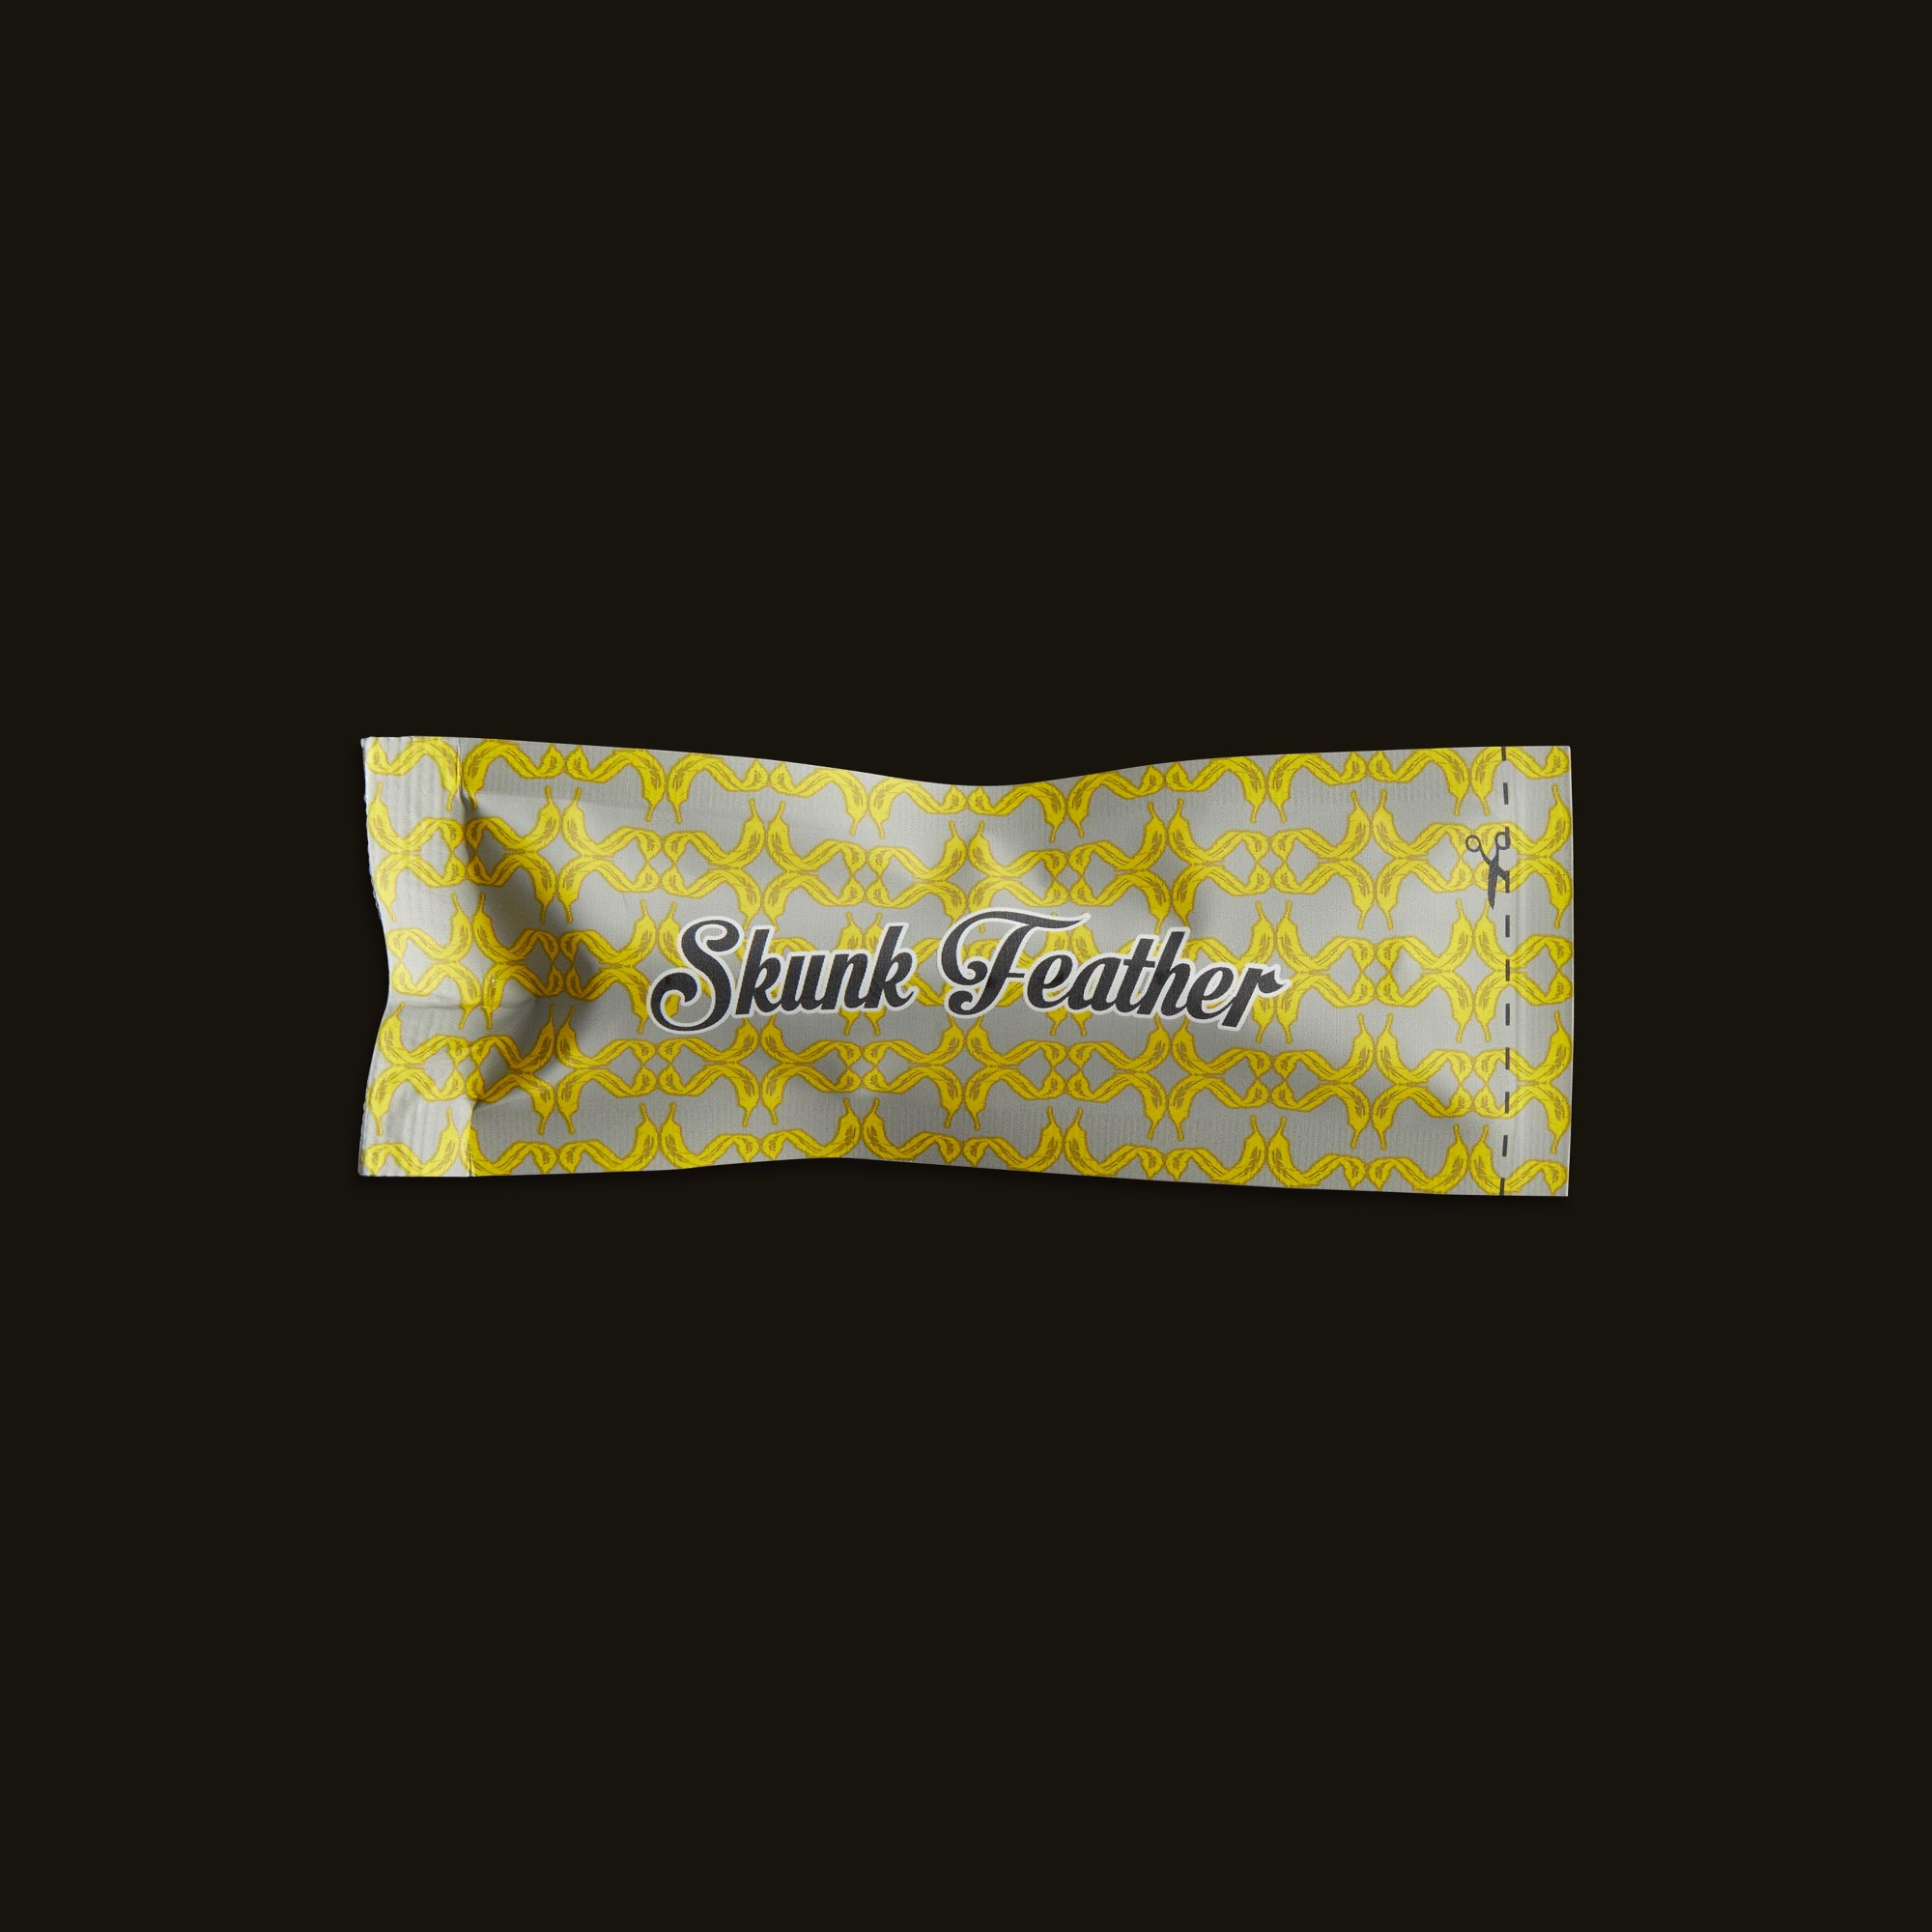 Skunk Feather Boardwalk Cartridge Wrapper